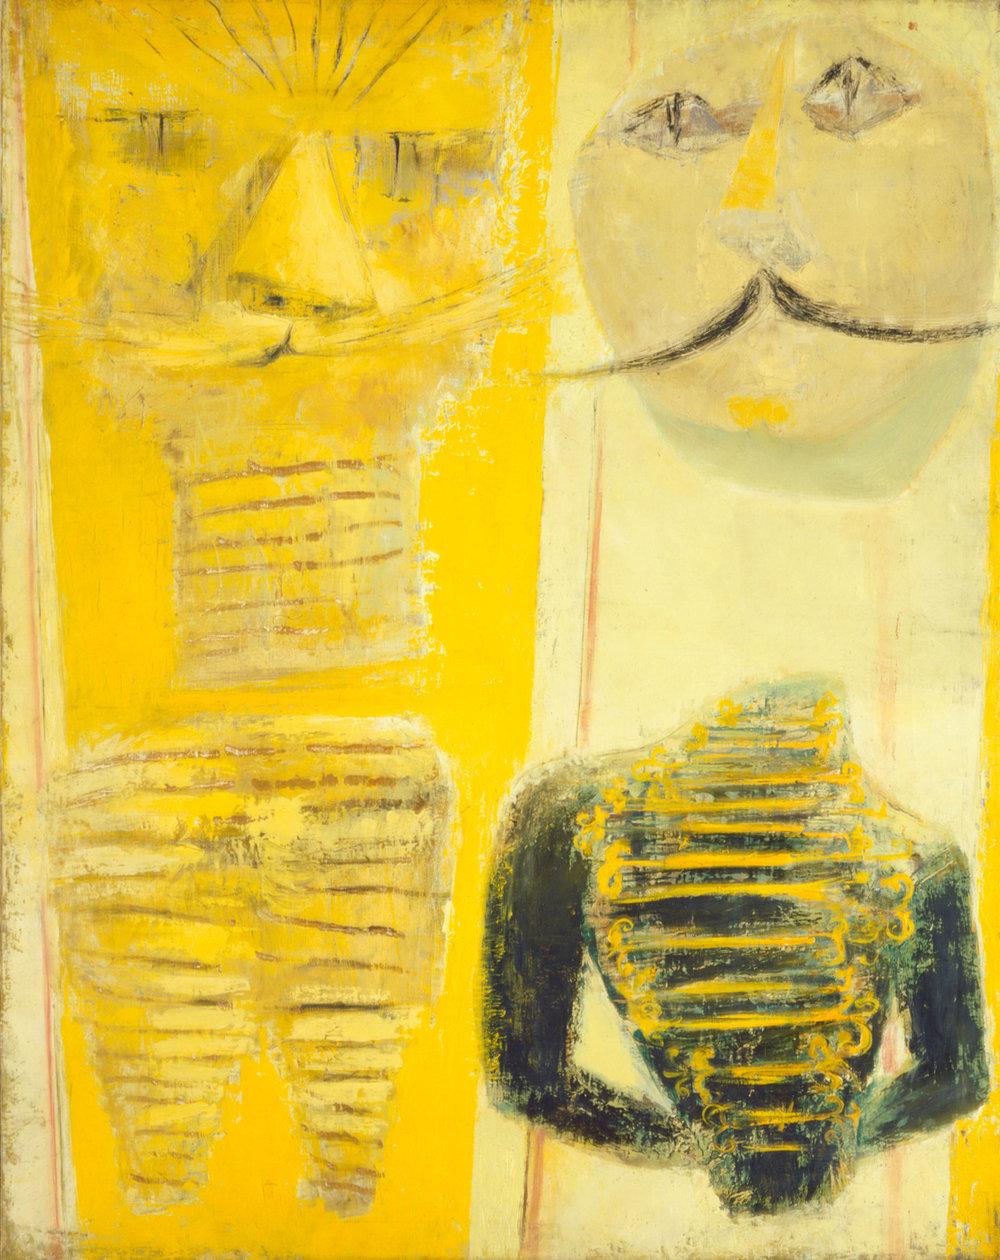 Hedda Sterne,  G.D. [John Graham] , 1943, Oil on canvas, 39 x 31 in.